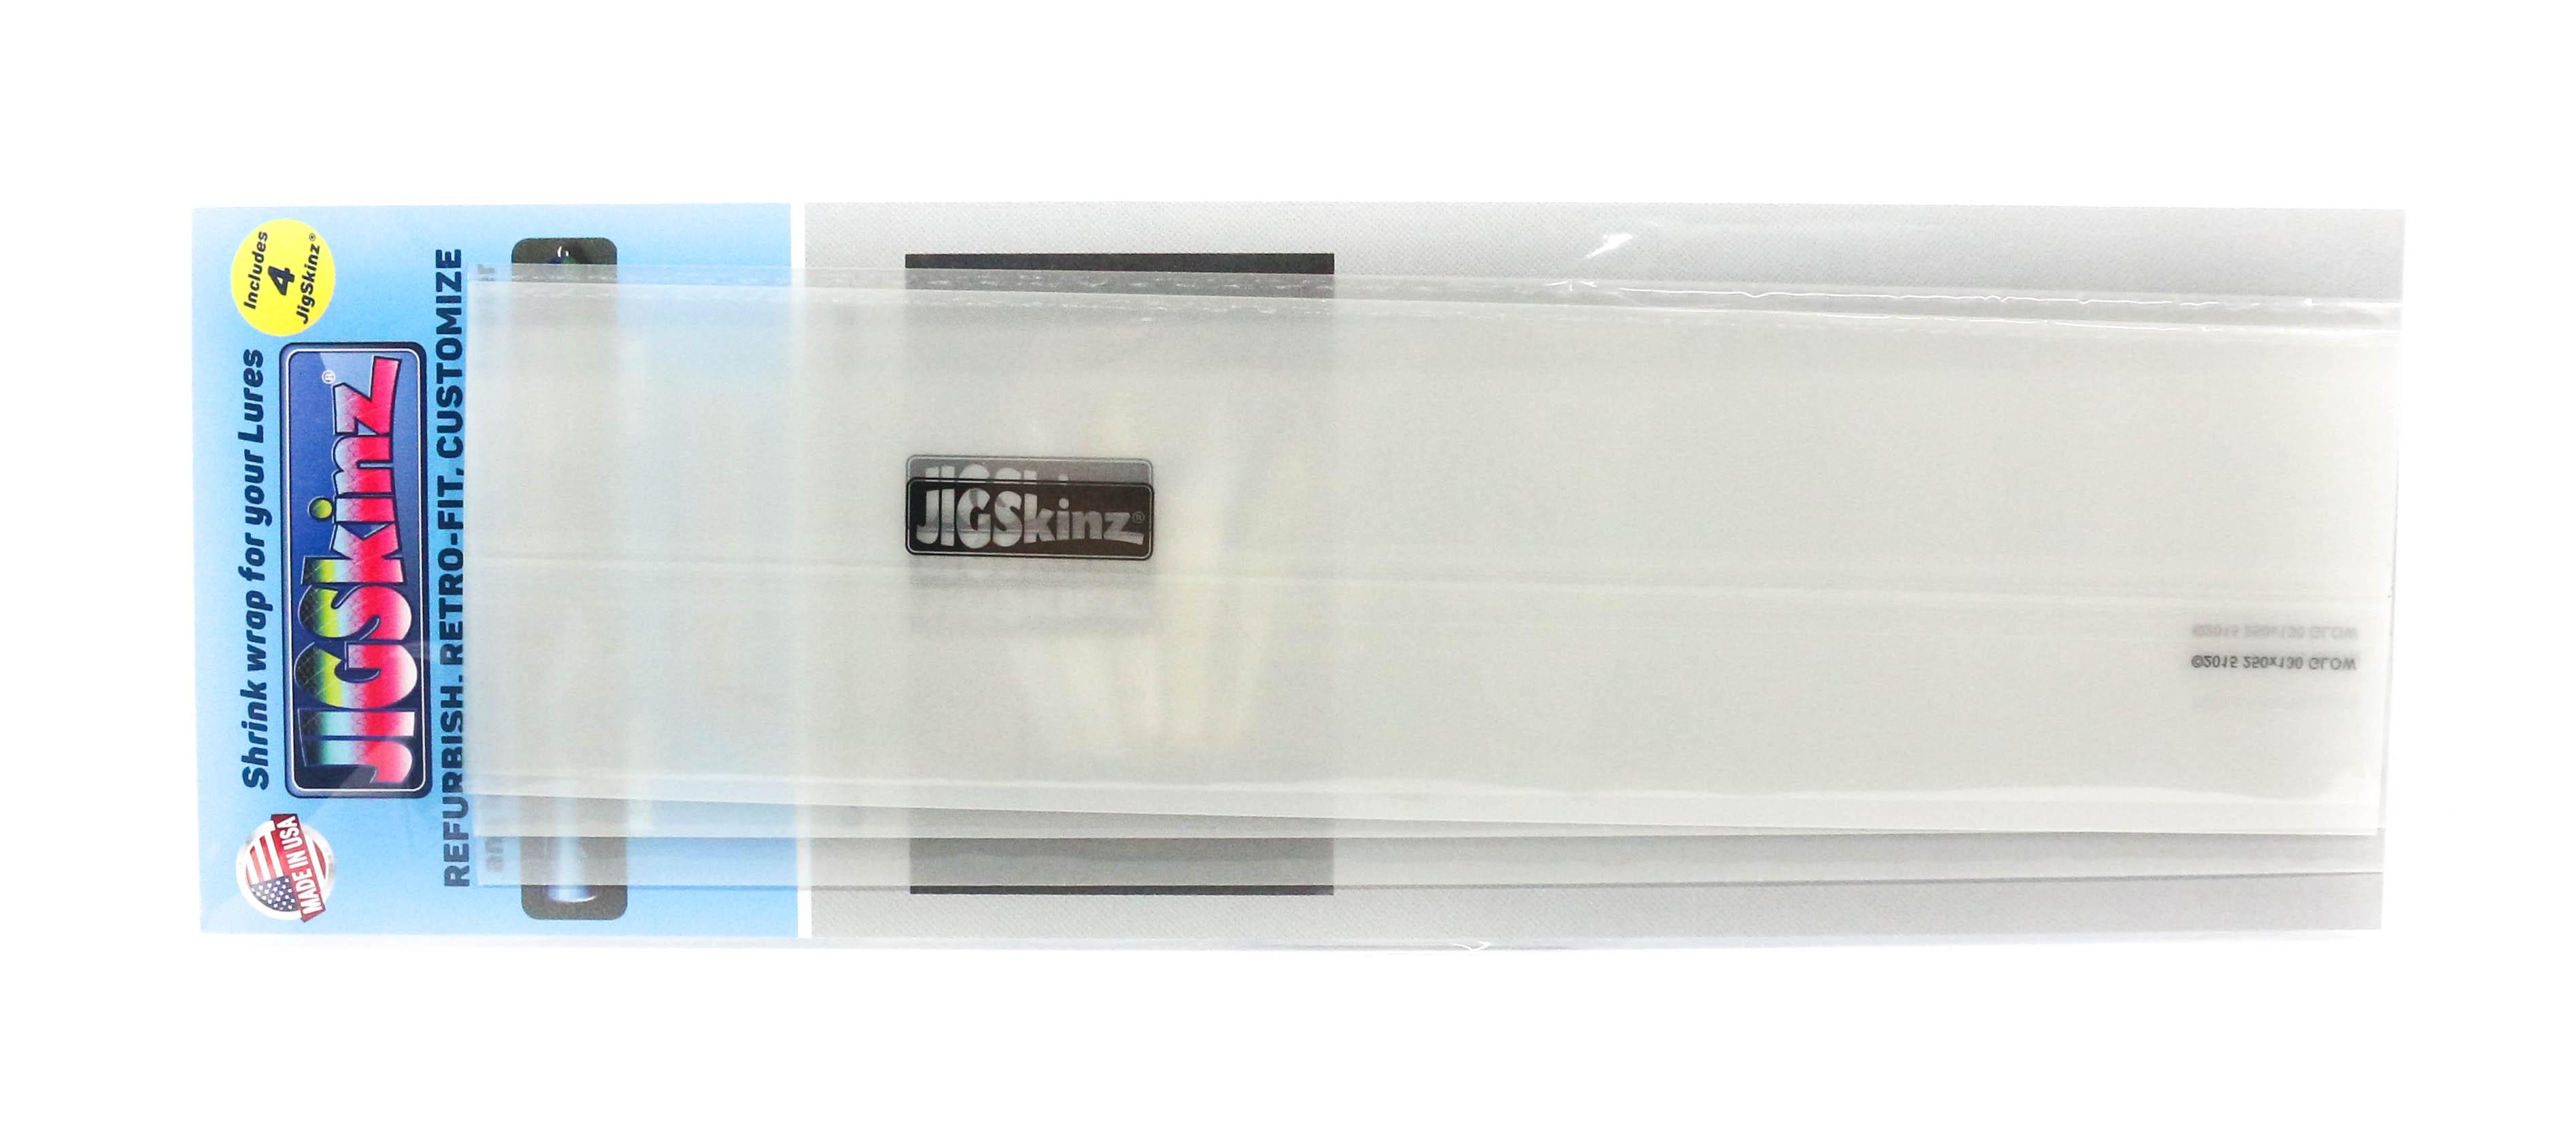 Jigskinz JZGC-XL4 Glow Clear 250 x 130mm x 4 pieces X-Large (7417)